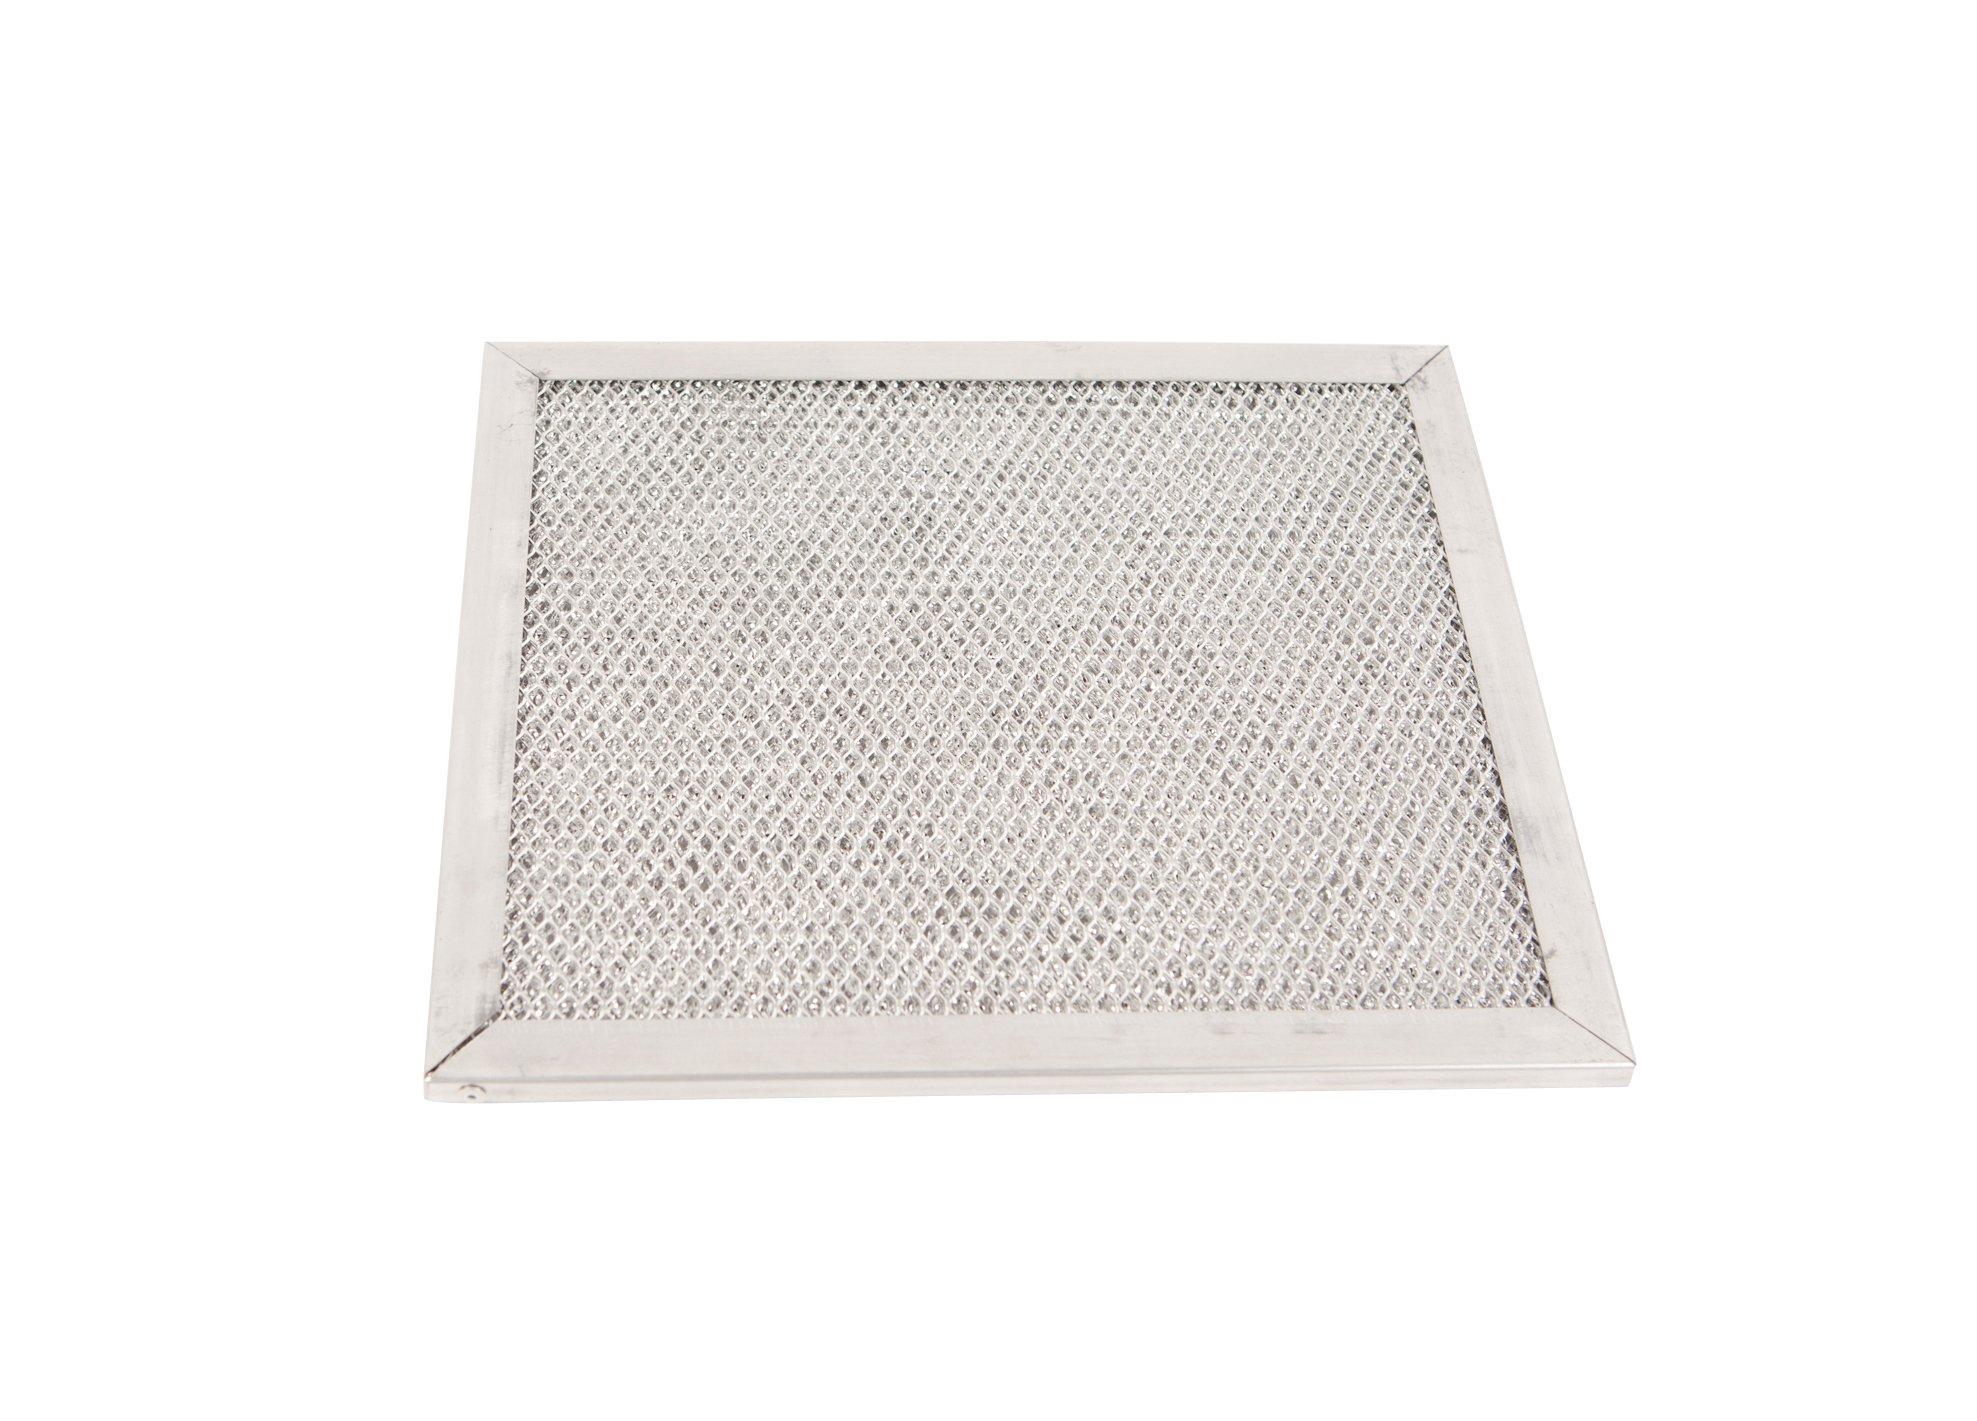 Randell HDFLT0701 Filter, 9-1/2 X 11 Aluminum